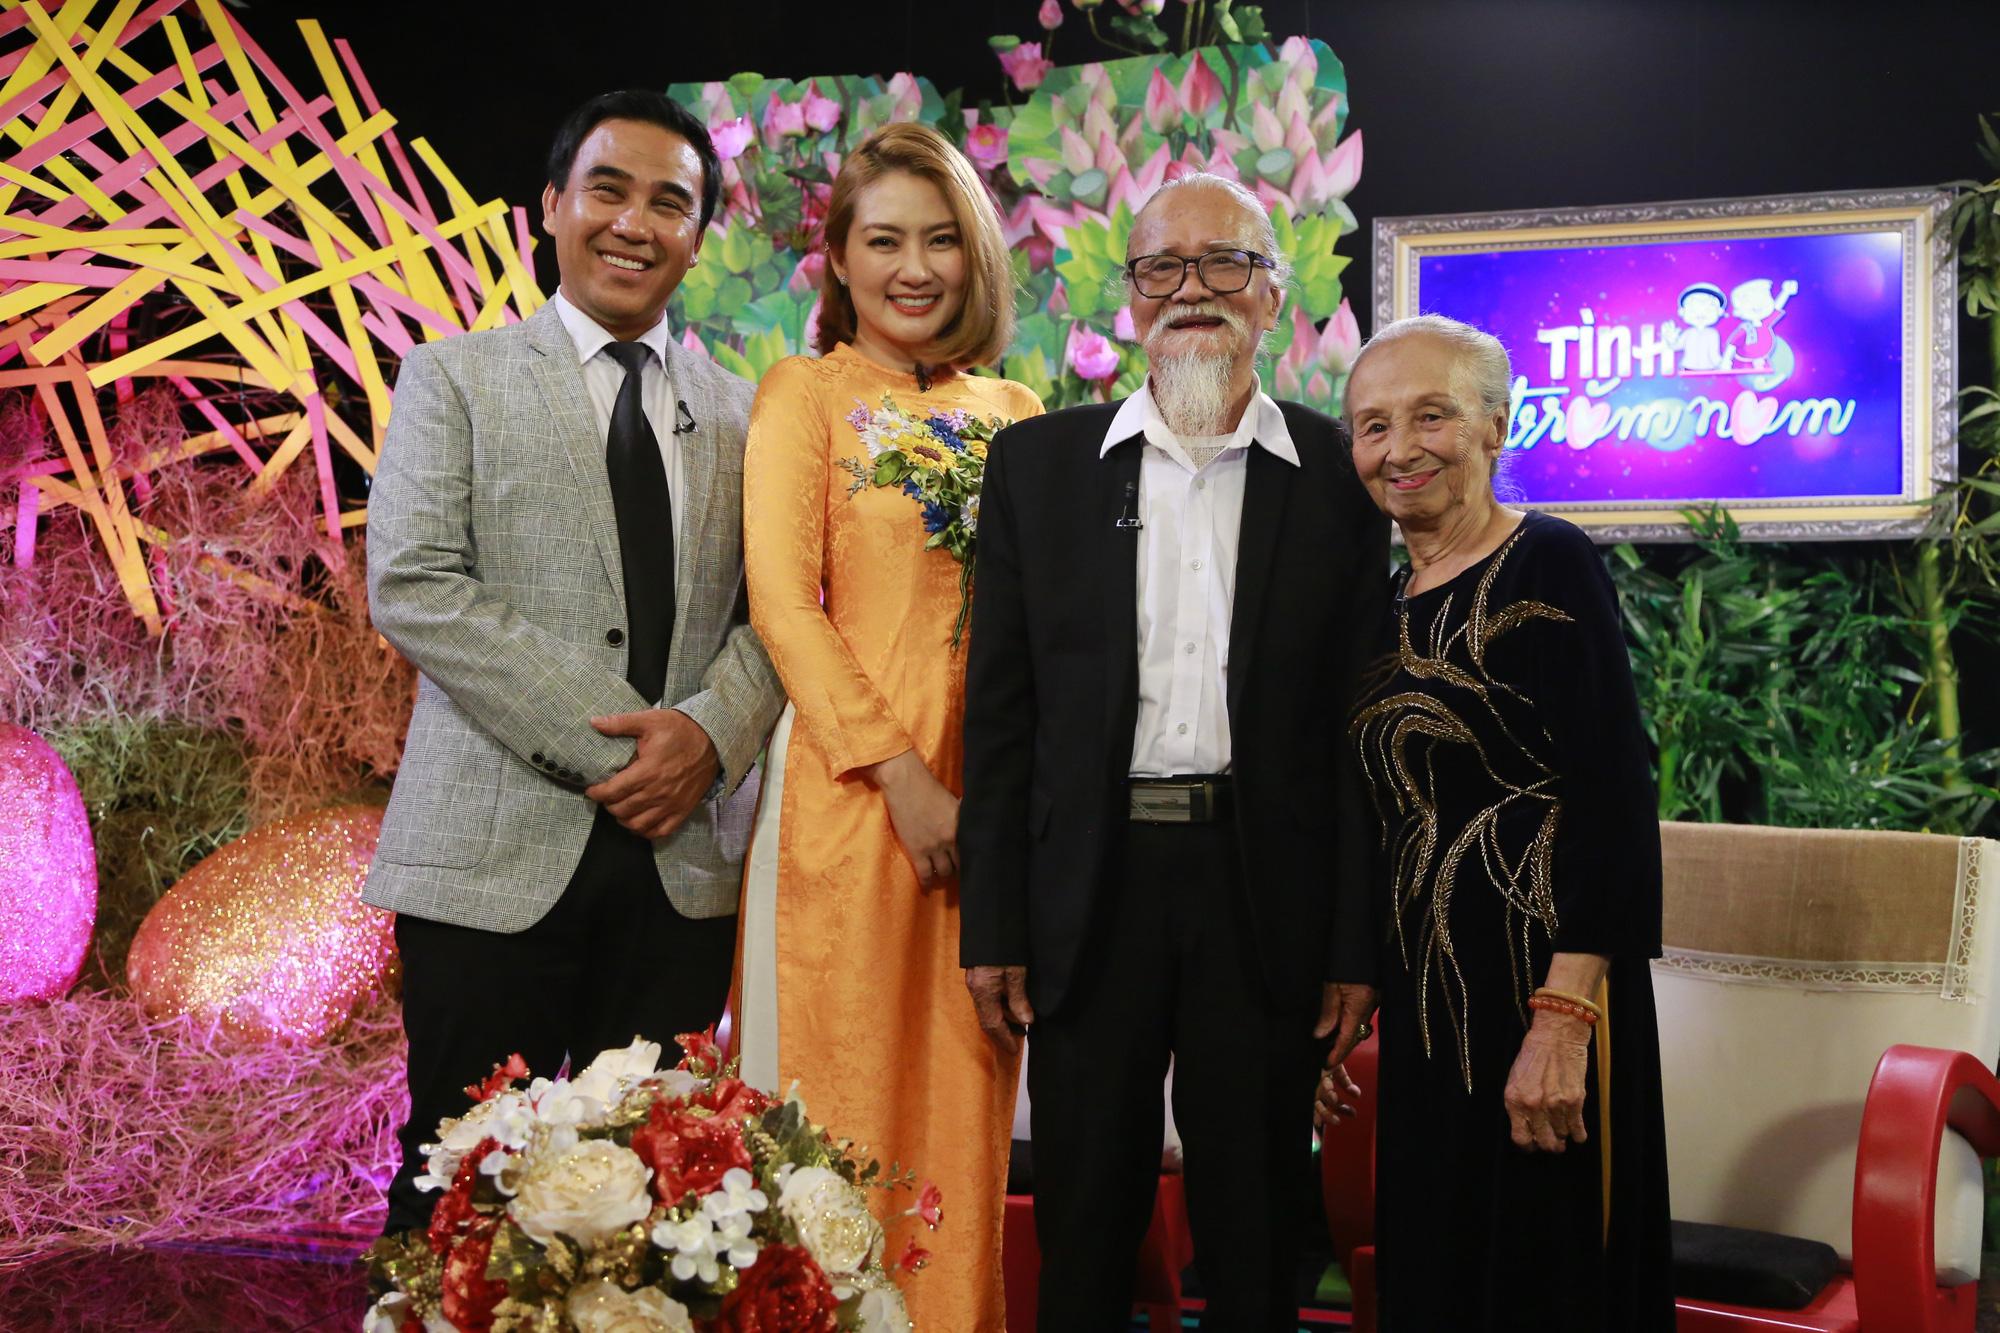 Quyền Linh, Ngọc Lan xúc động khi dẫn chương trình chuyện tình của các cụ ông, cụ bà - Ảnh 2.